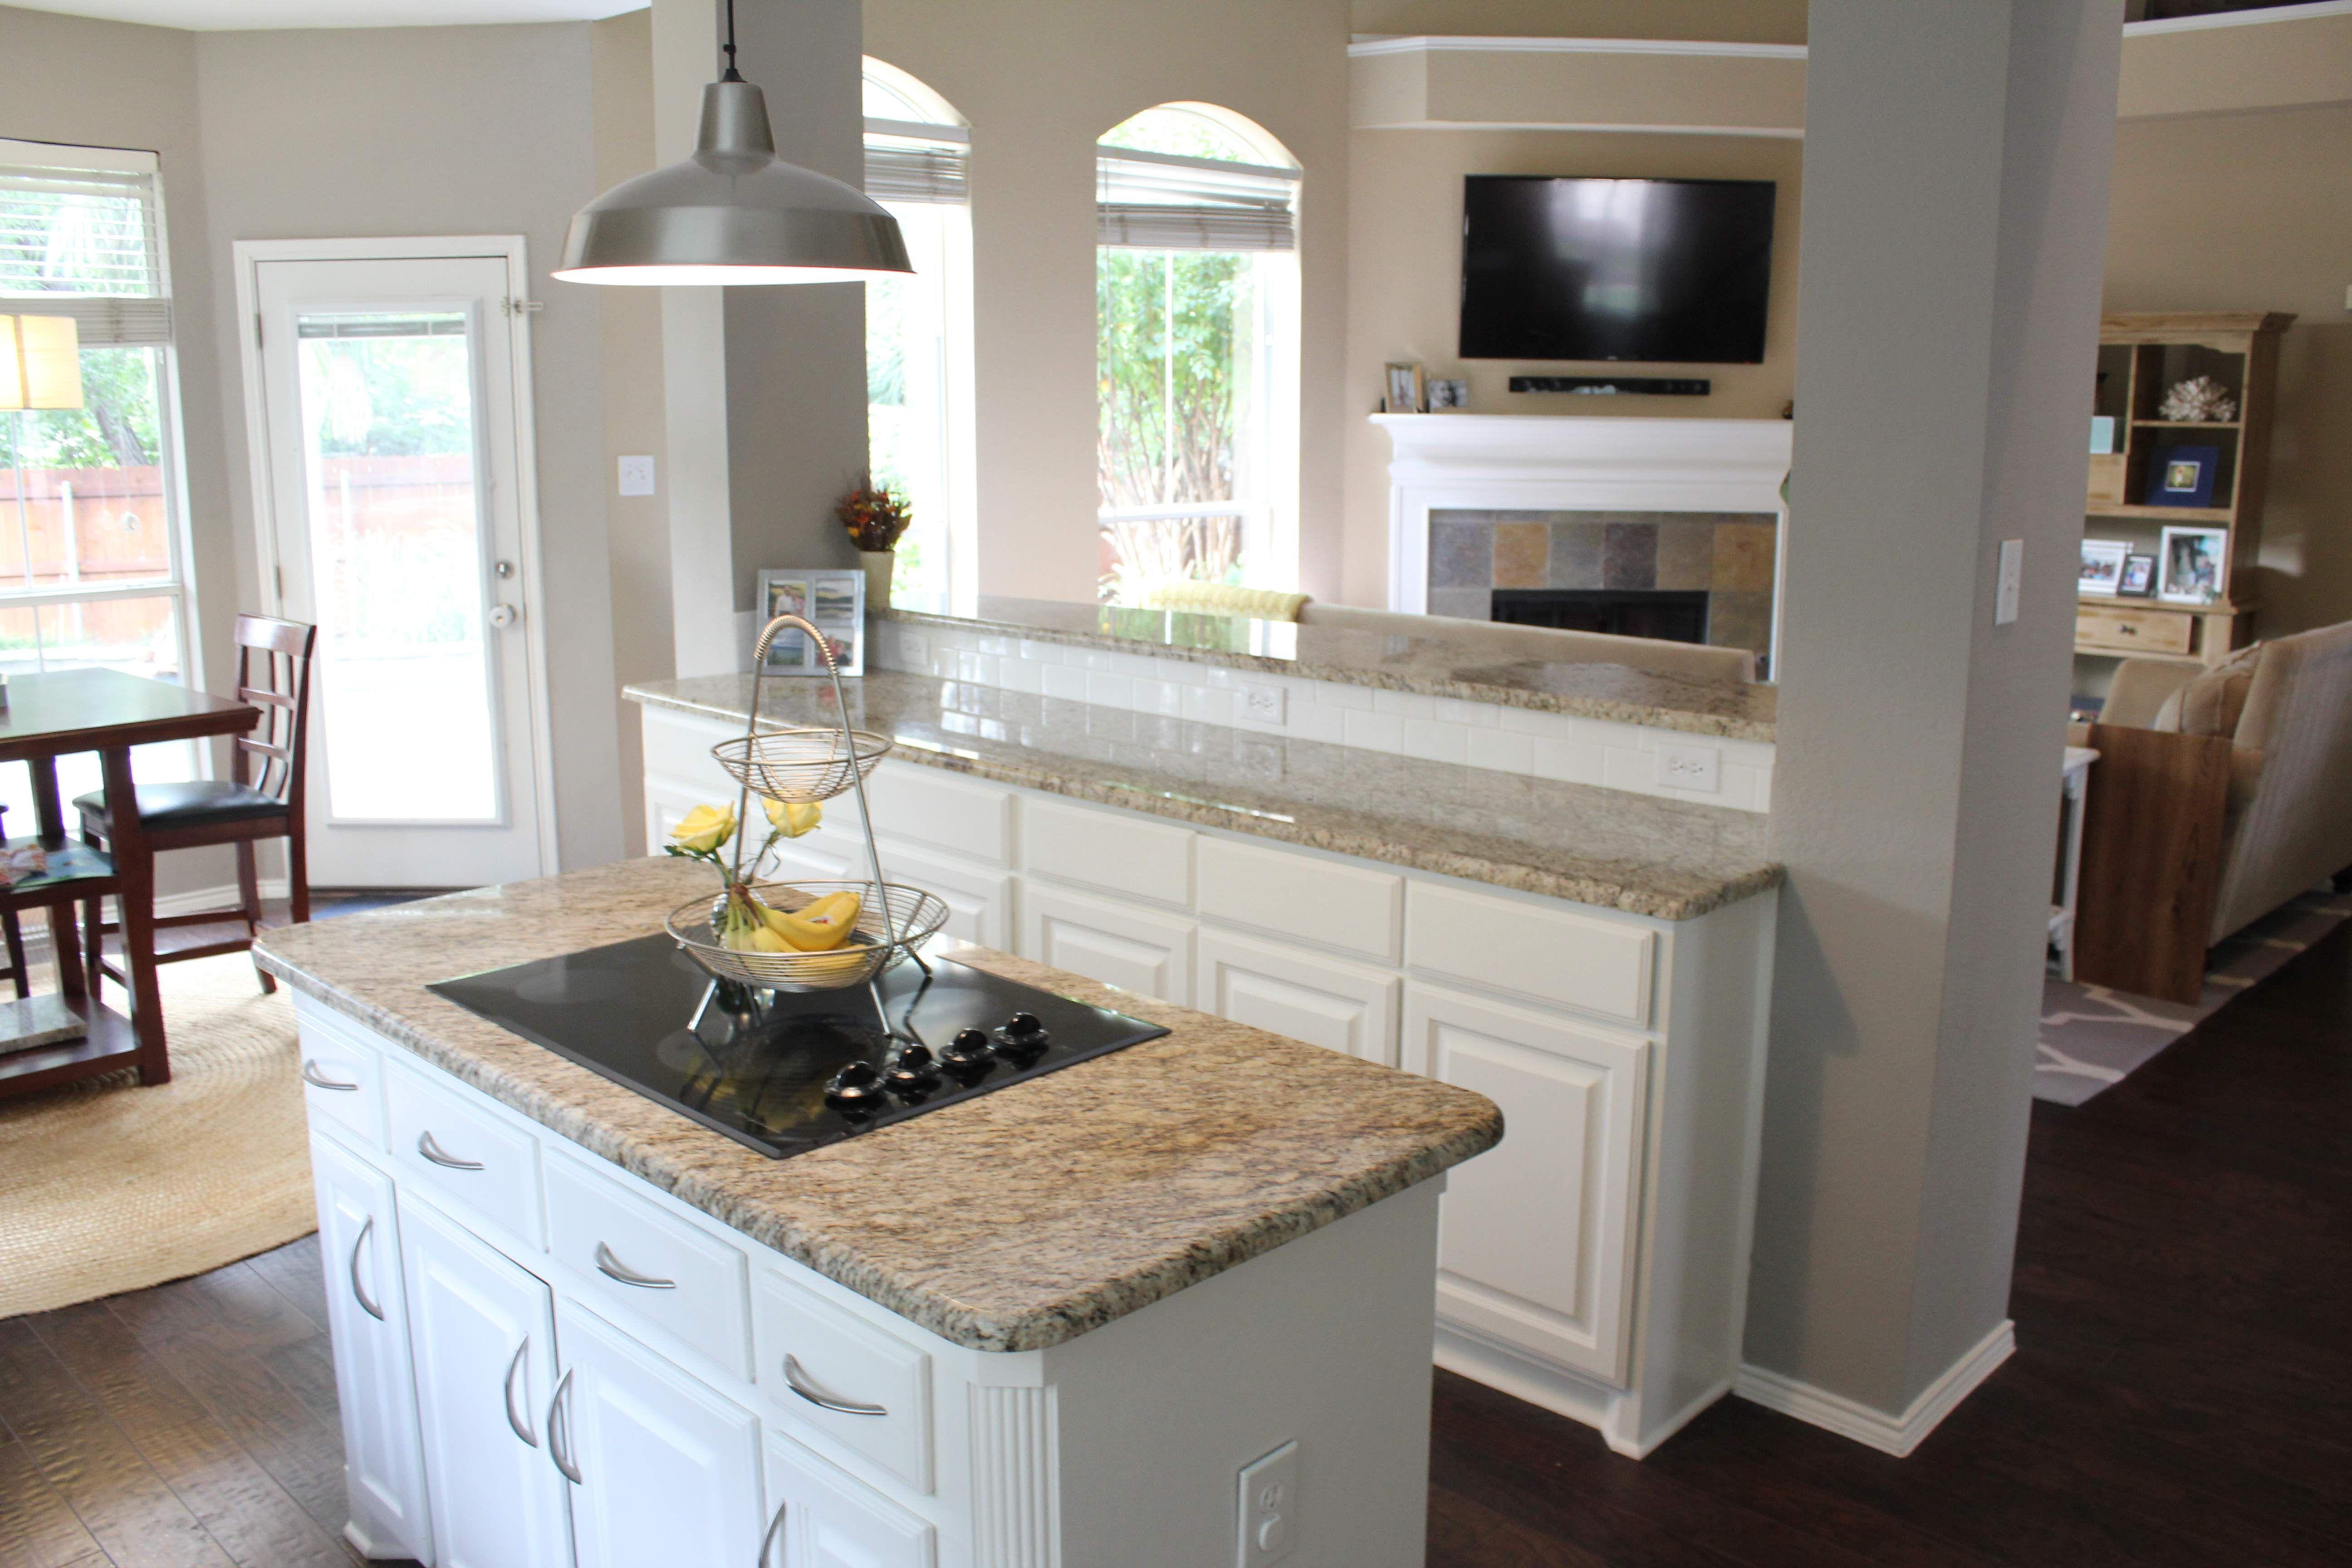 Stunning Kitchen Cabinet Colors Benjamin Moore : Awesome Benjamin Moore  Colors For Kitchen Walls With Benjamin